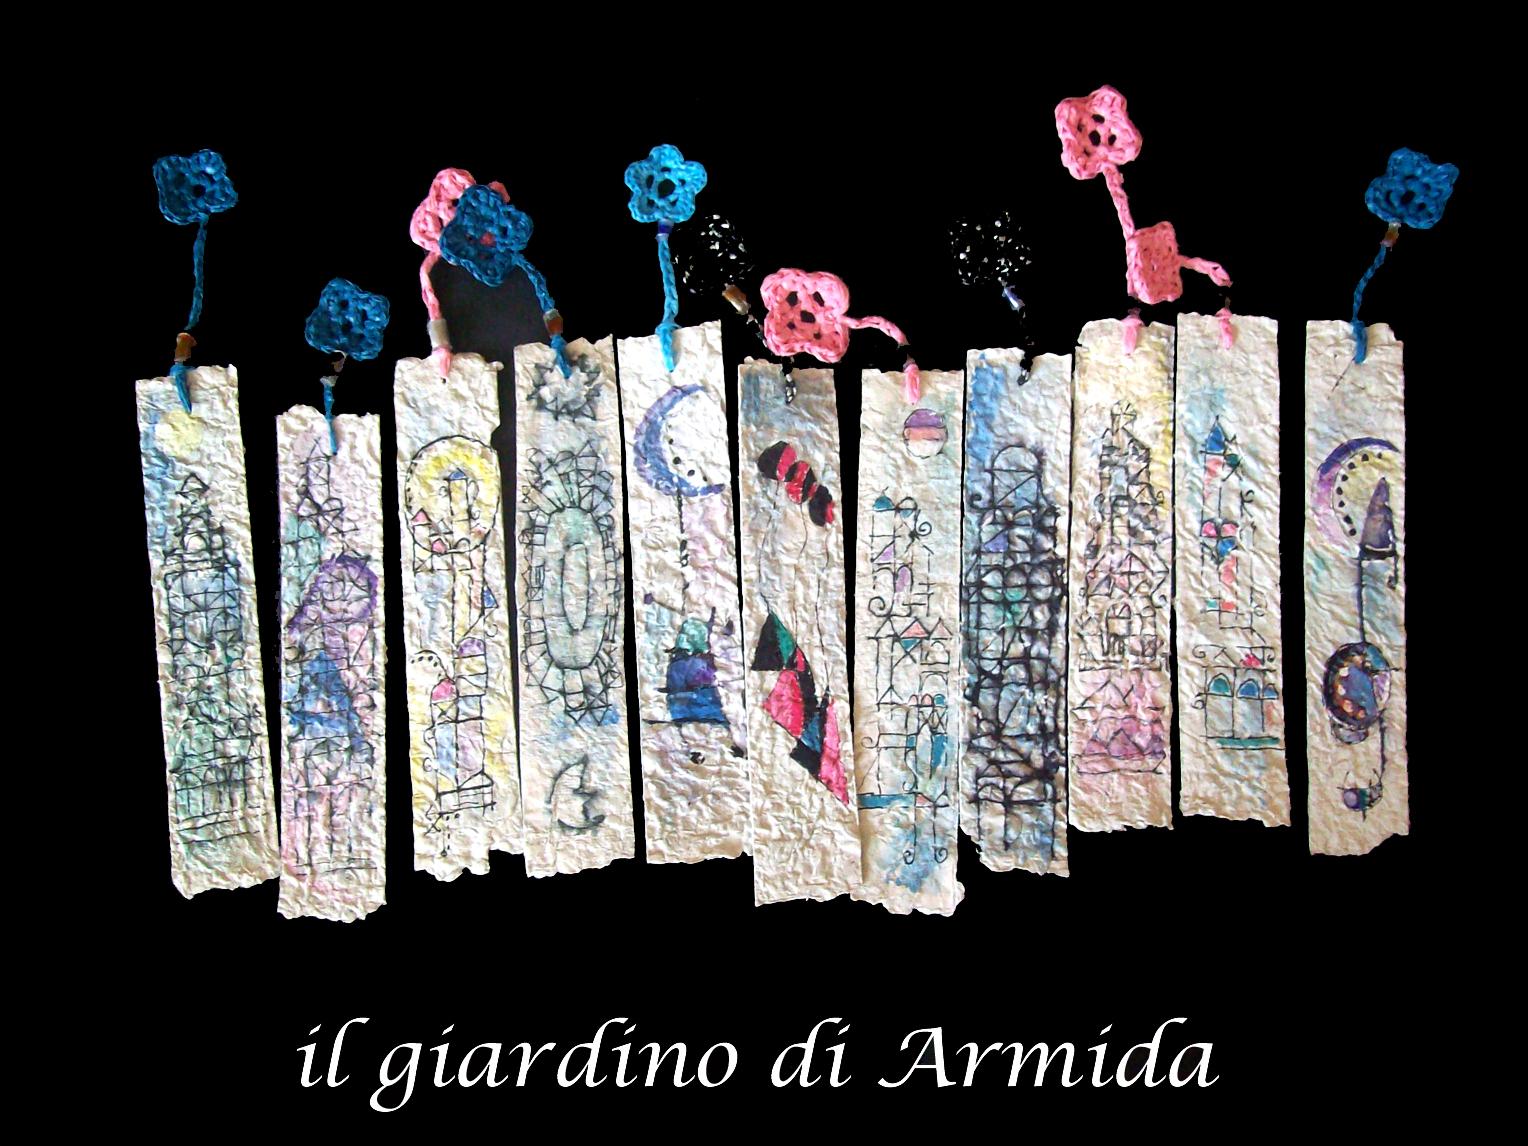 Il giardino di armida un mese di segnalibri - Il giardino di ausonia ...